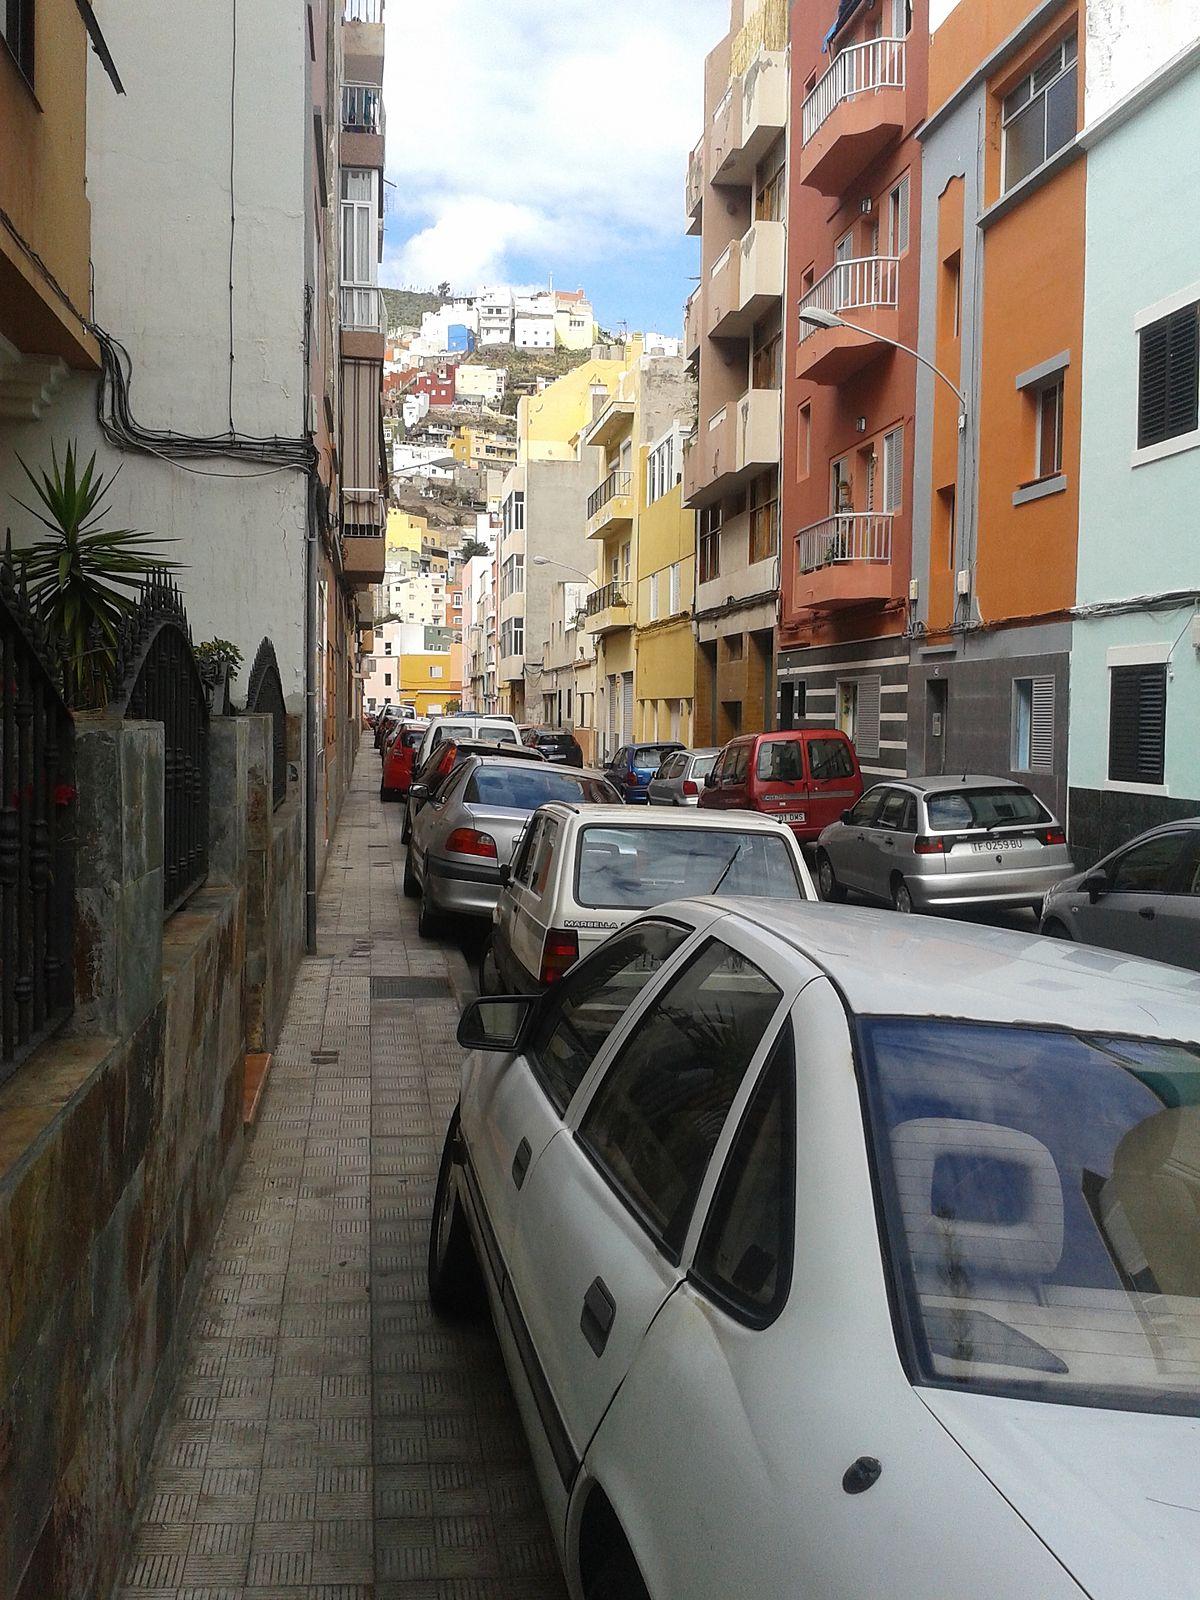 La Salud Santa Cruz de Tenerife  Wikipedia la